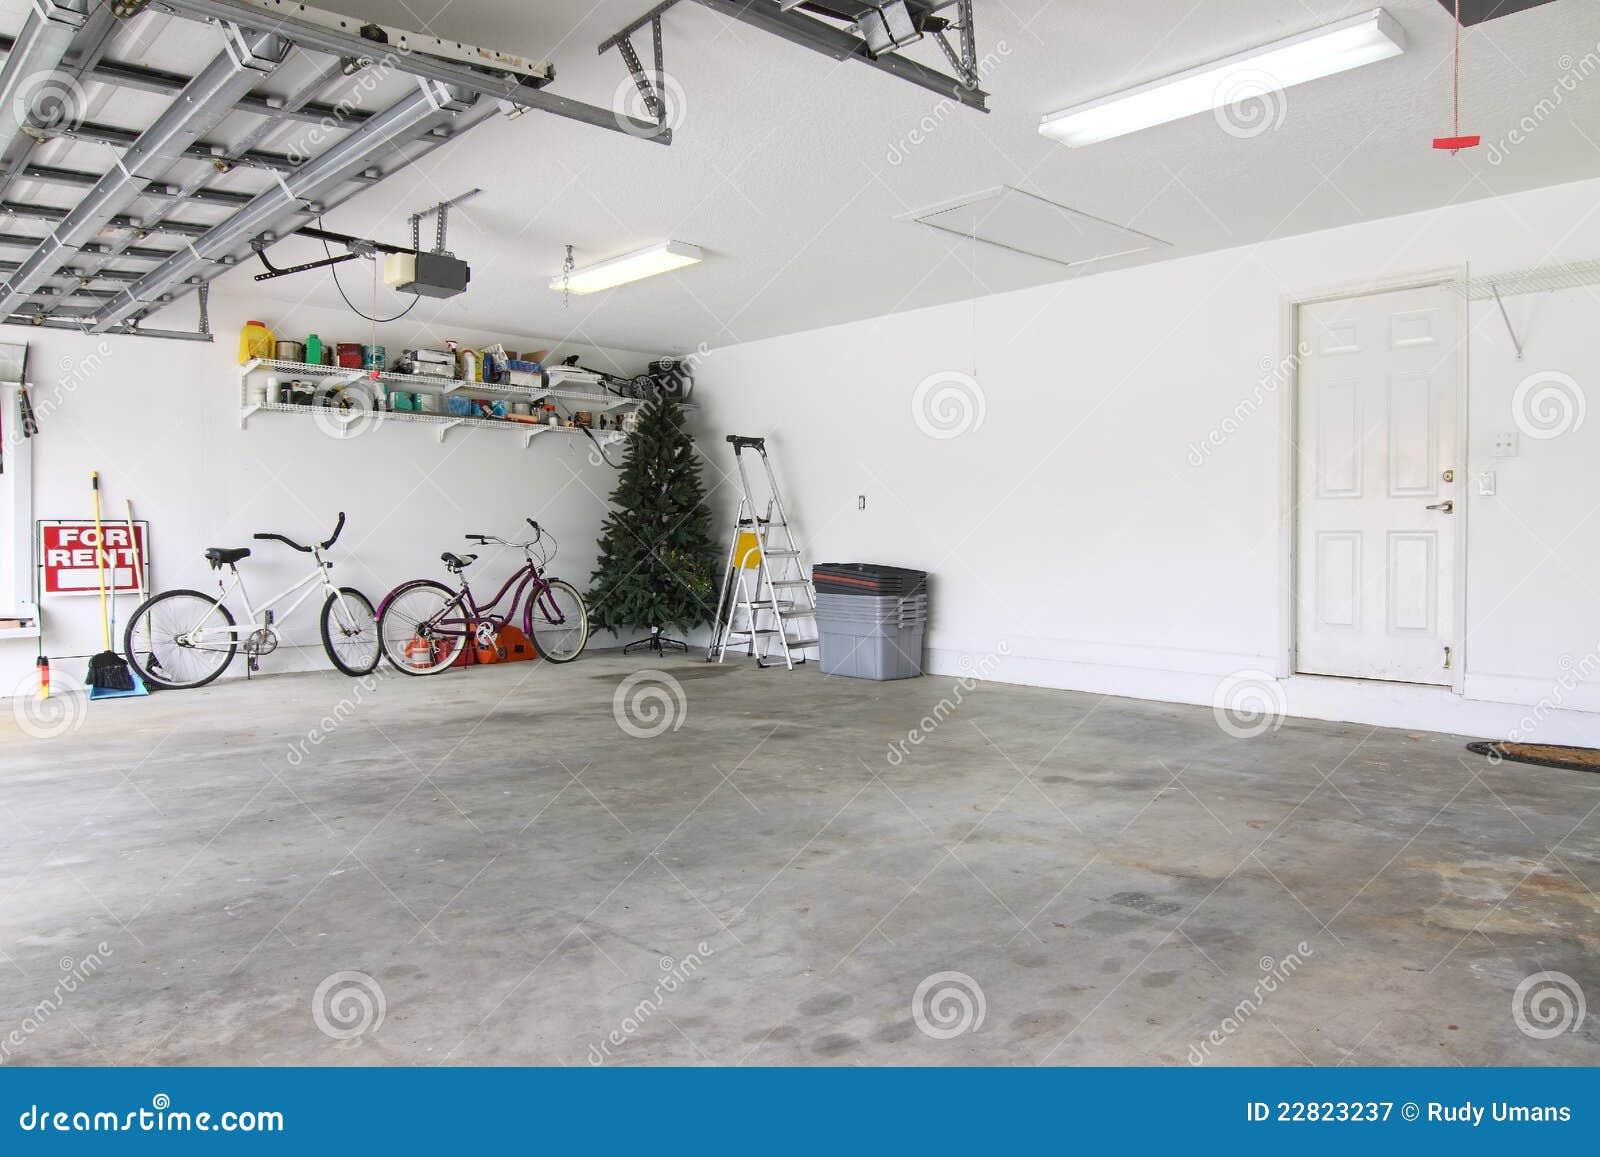 Almost empty garage